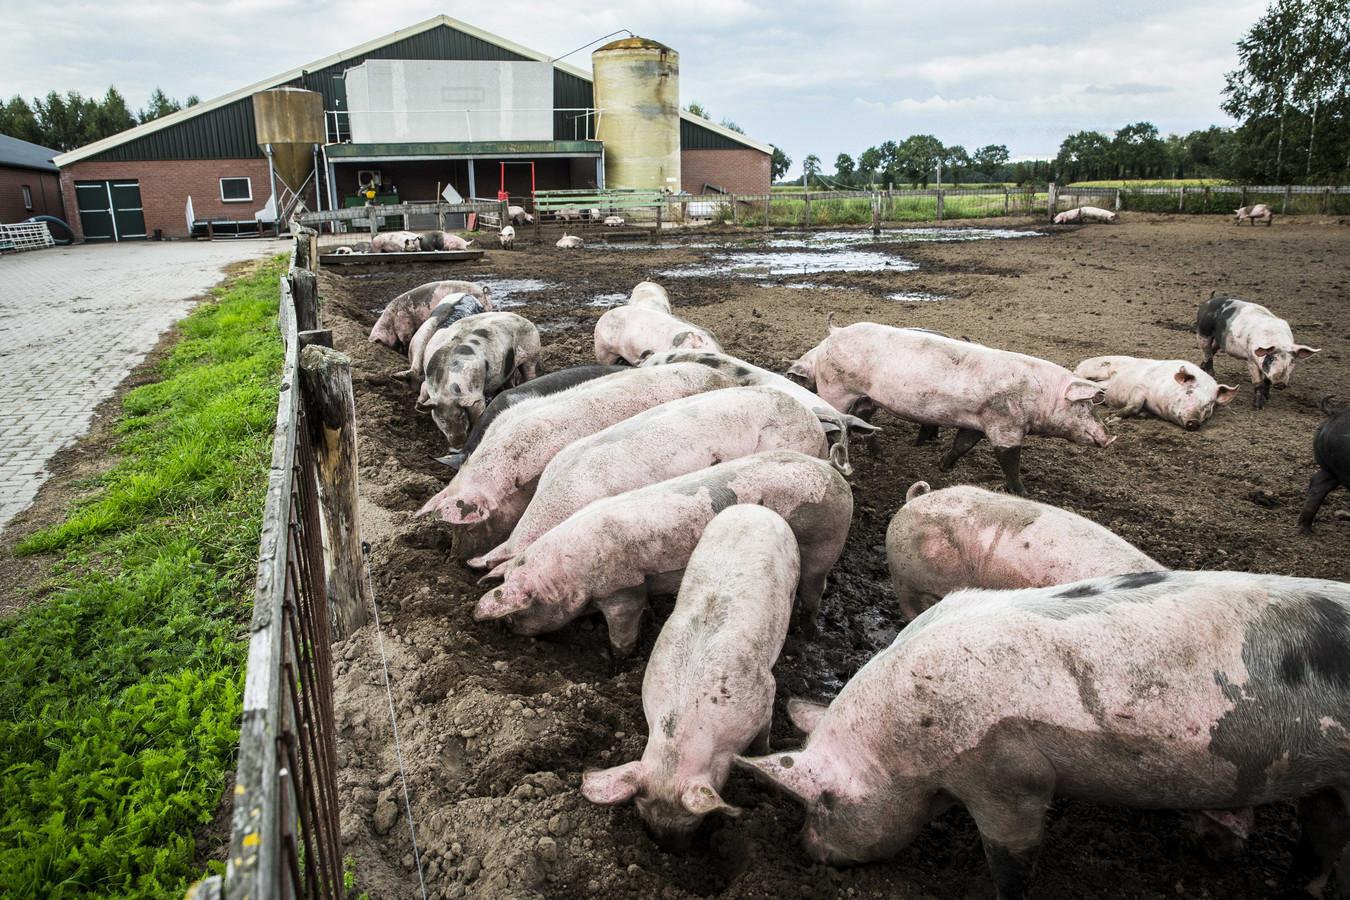 Om de stikstofuitstoot te verminderen zou de Nederlandse veestapel flink moeten inkrimpen.